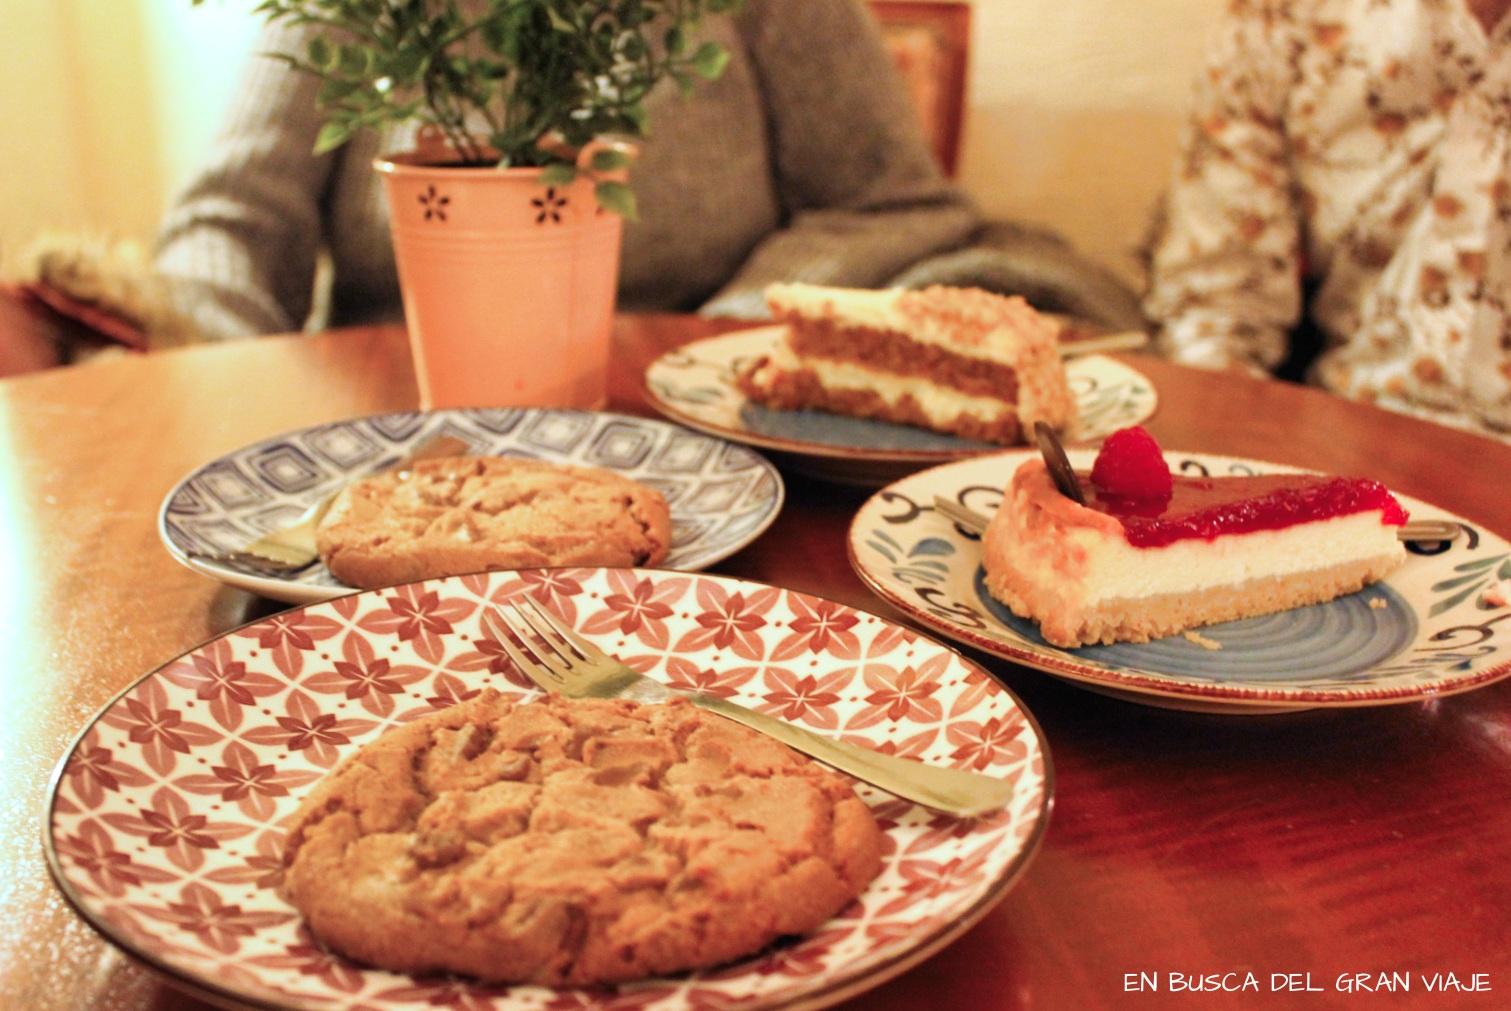 Las dos cookies gigantes de caramelo, la tarta de queso y la carrot cake del Café